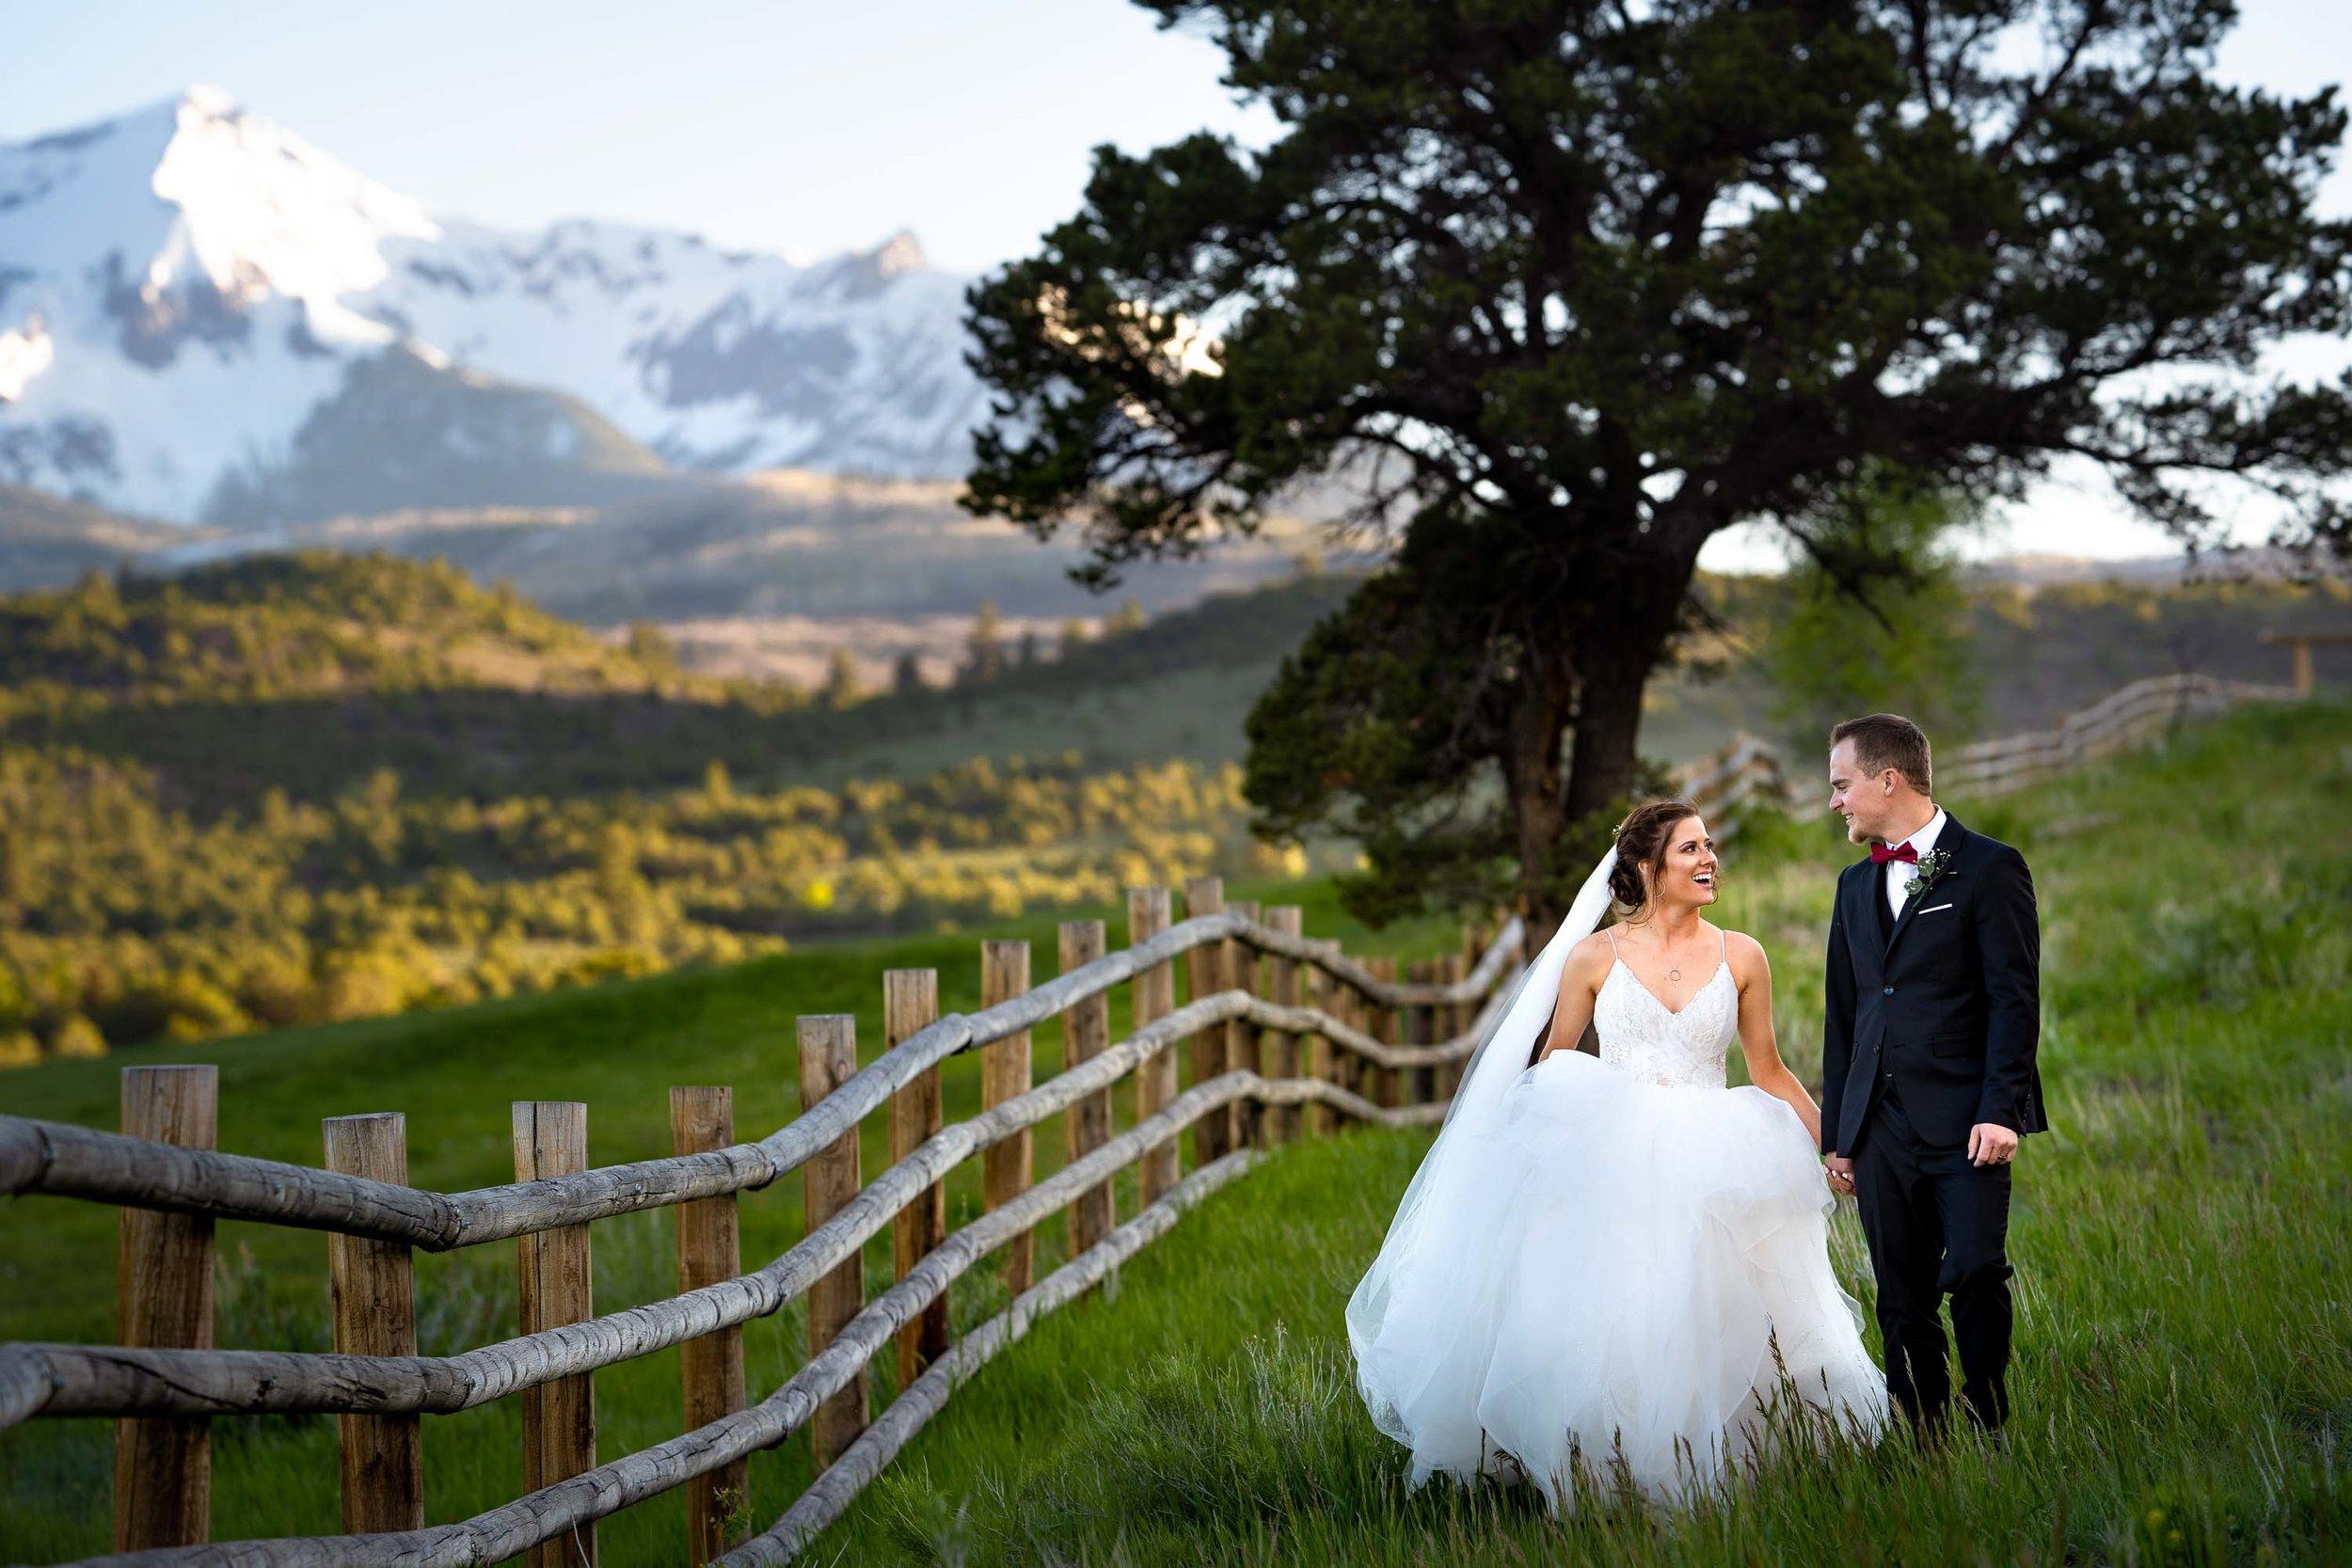 Kelsie_Nick_Ouray_Wedding-188.jpg